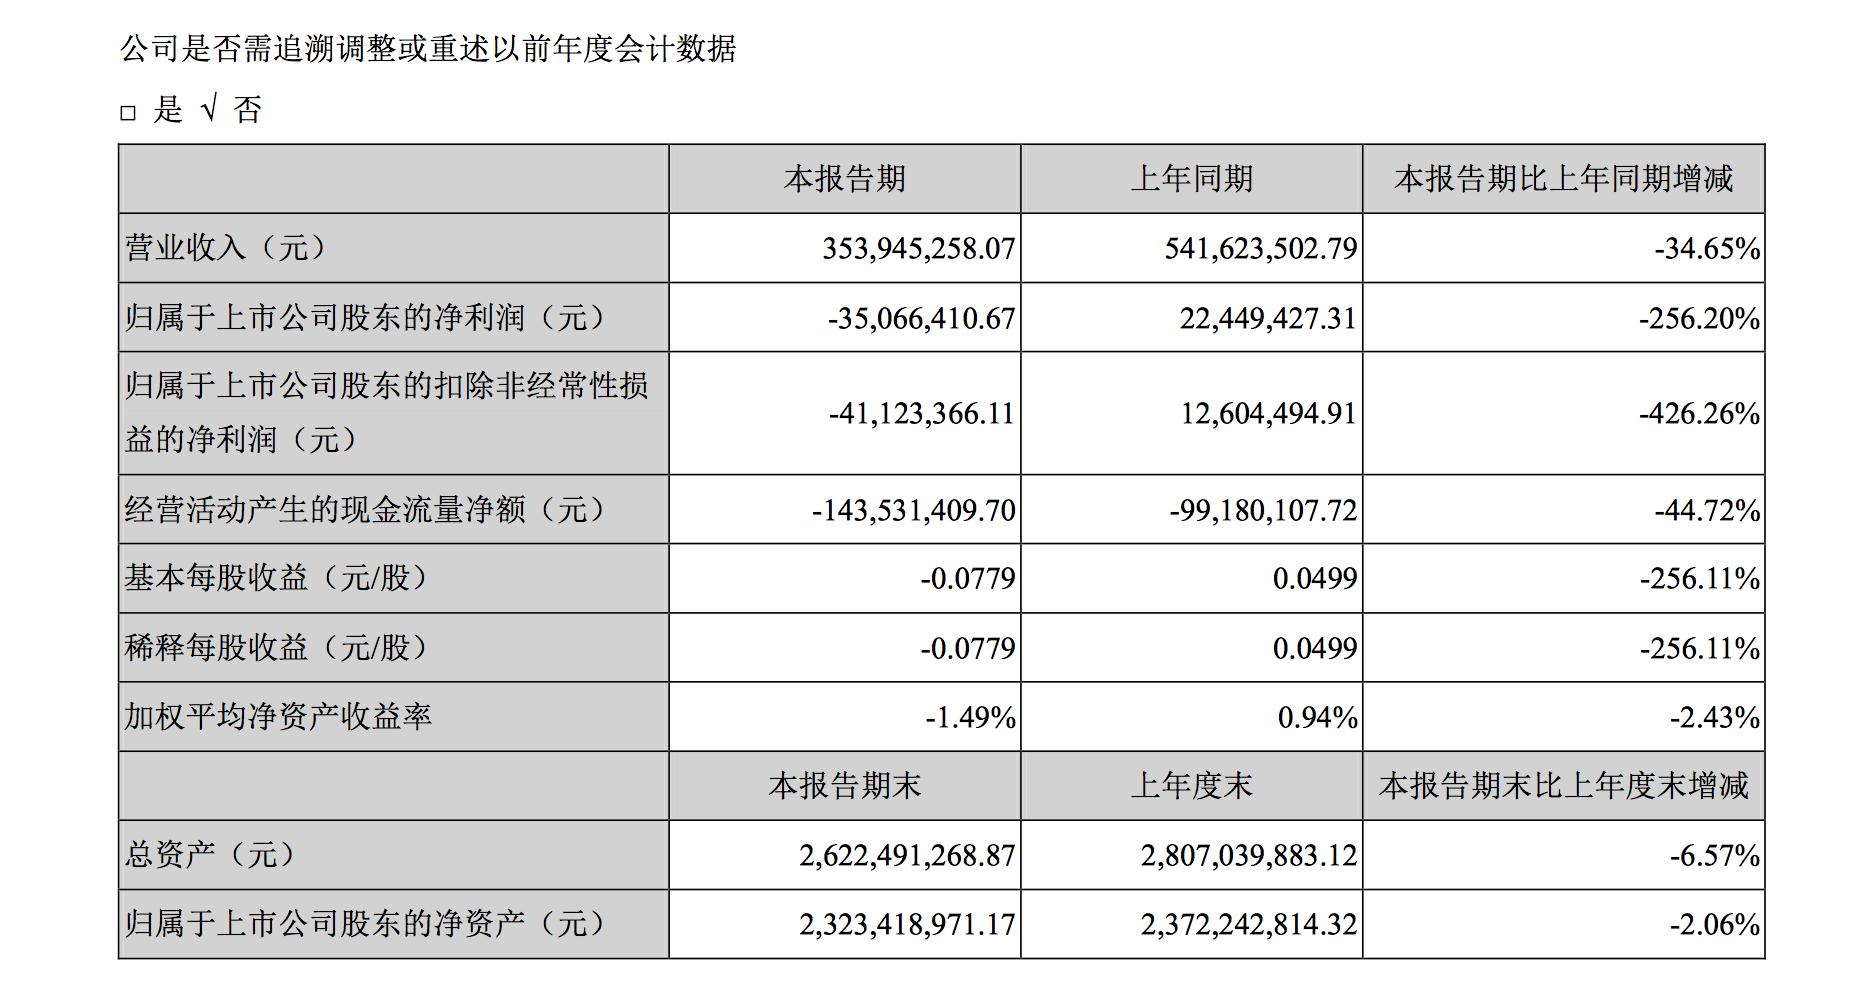 青青稞酒:上半年营收下降34.65%,同比由盈转亏